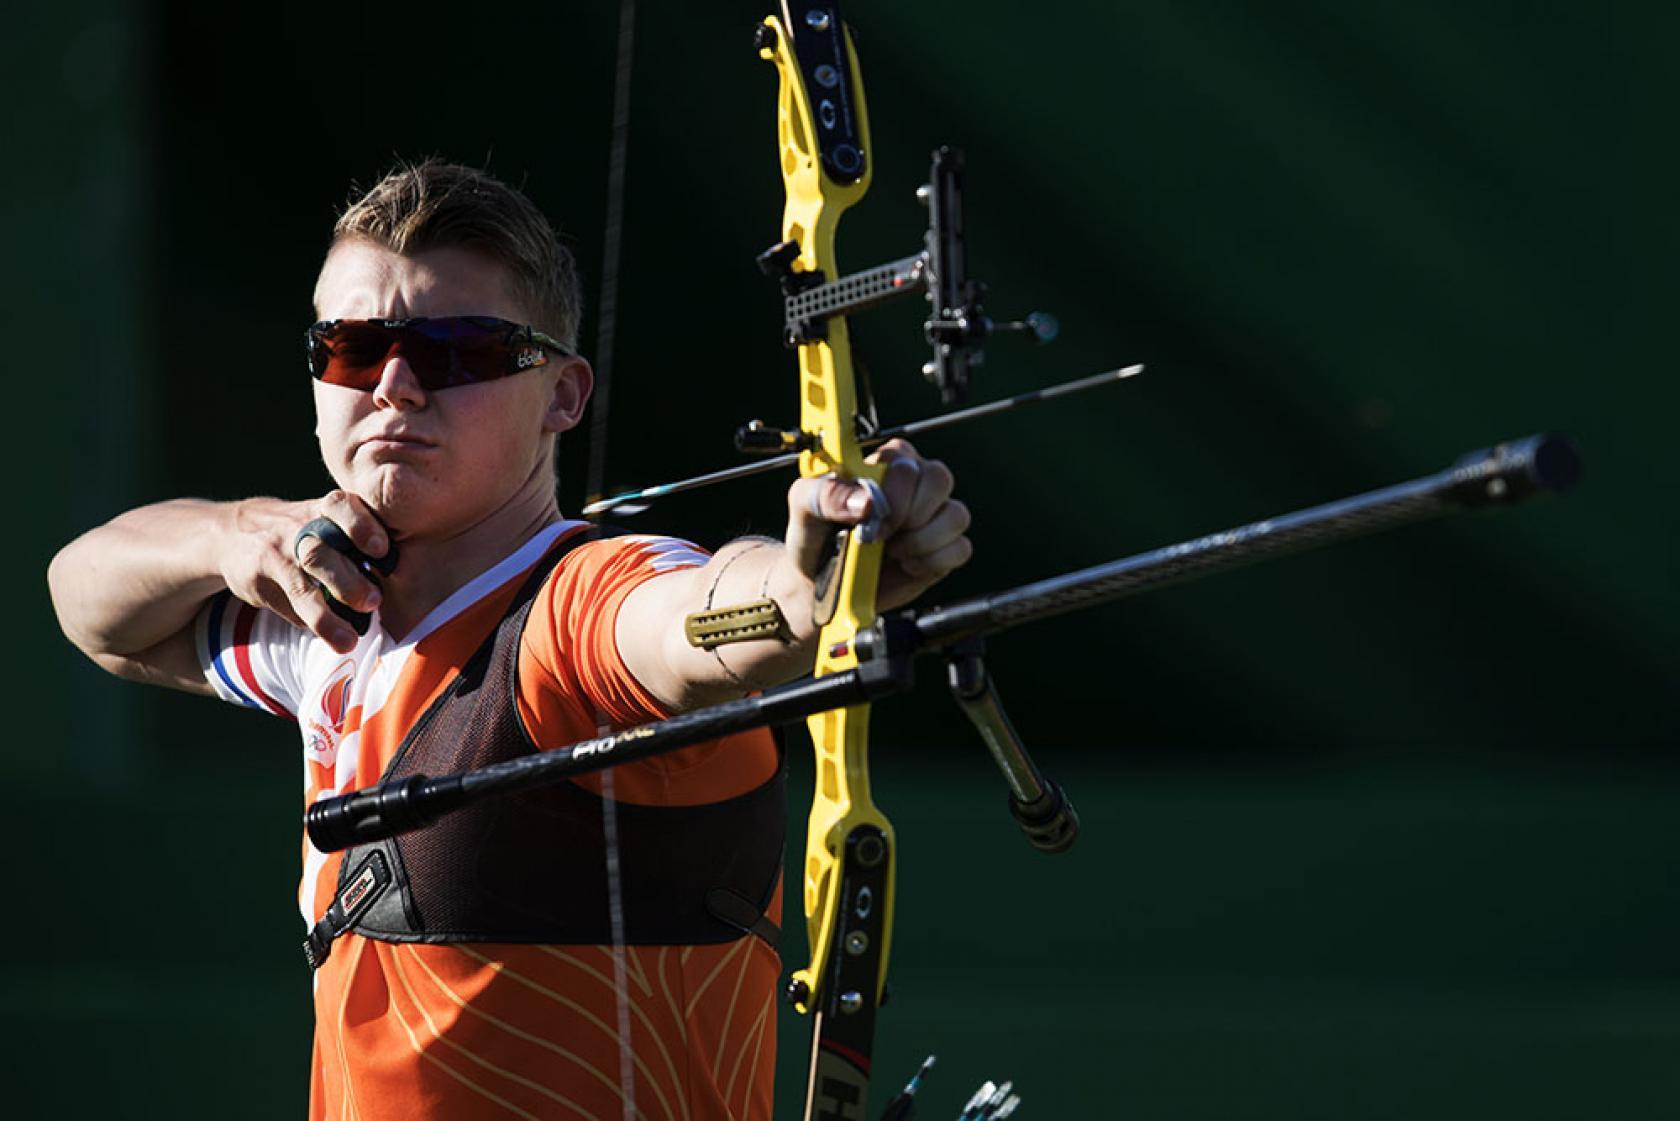 Sjef van den Berg brons Olympische Spelen Rio